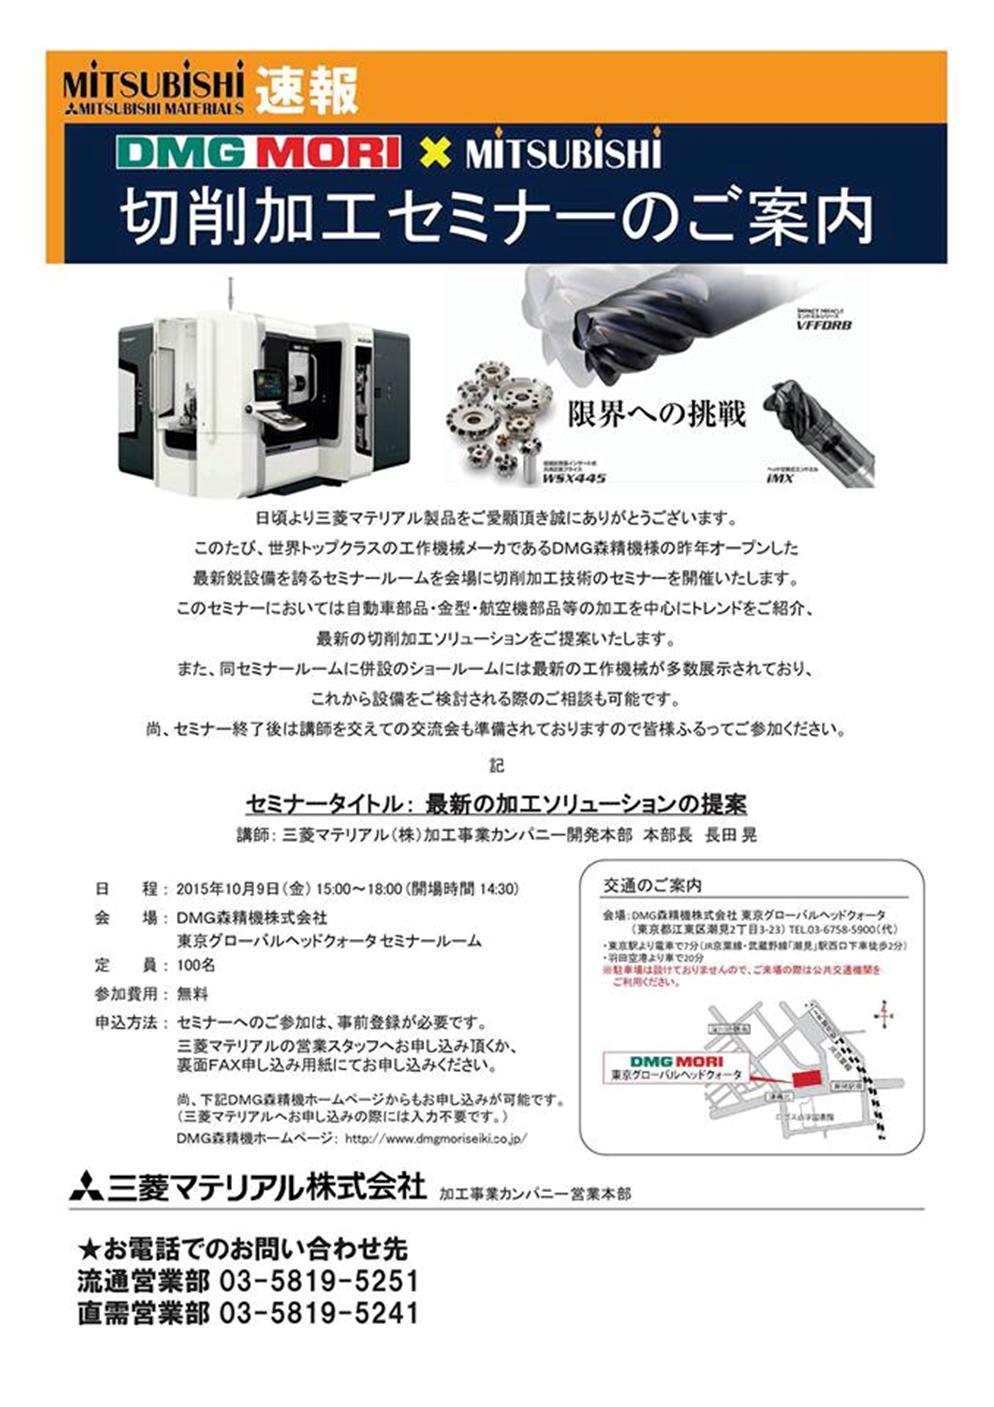 DMG森精機x三菱マテリアル 切削加工セミナーのお知らせ